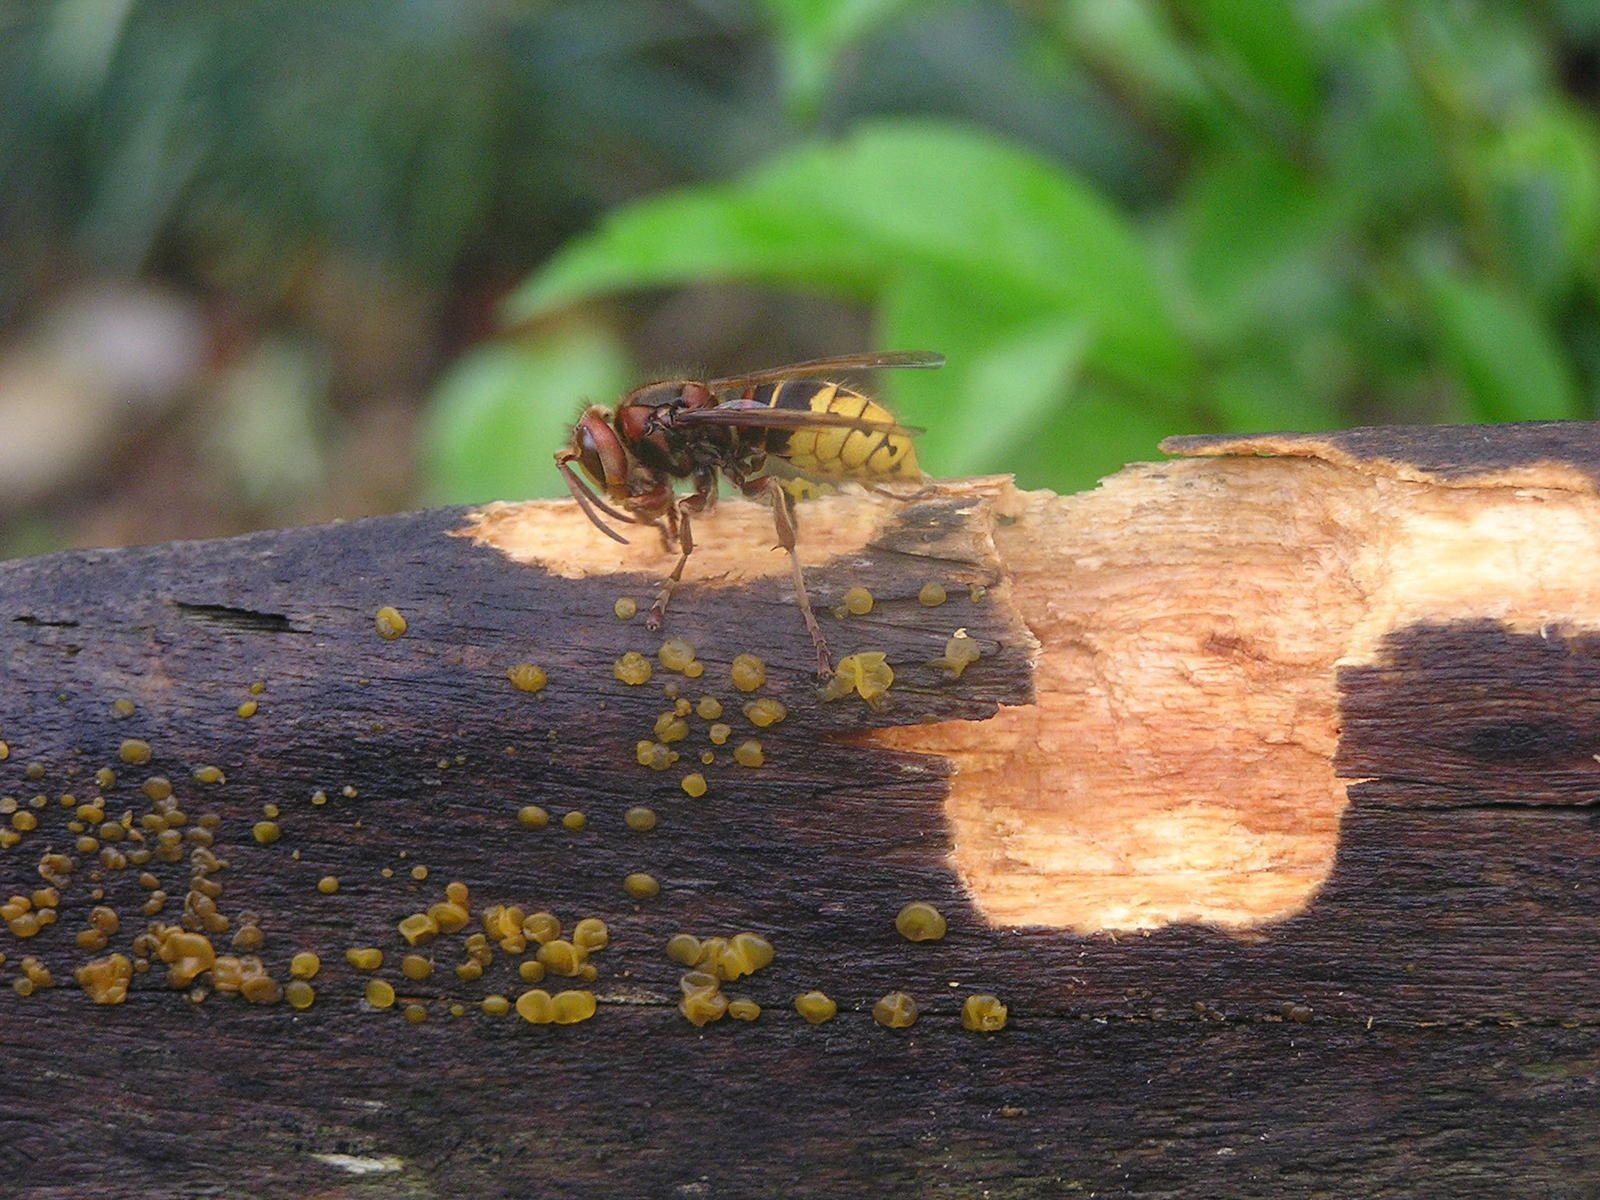 un couple de bourdon me vole ( sans autorisation ) des morceaux de bois sur le dossier du banc de la terrasse pour confectionner leur nid